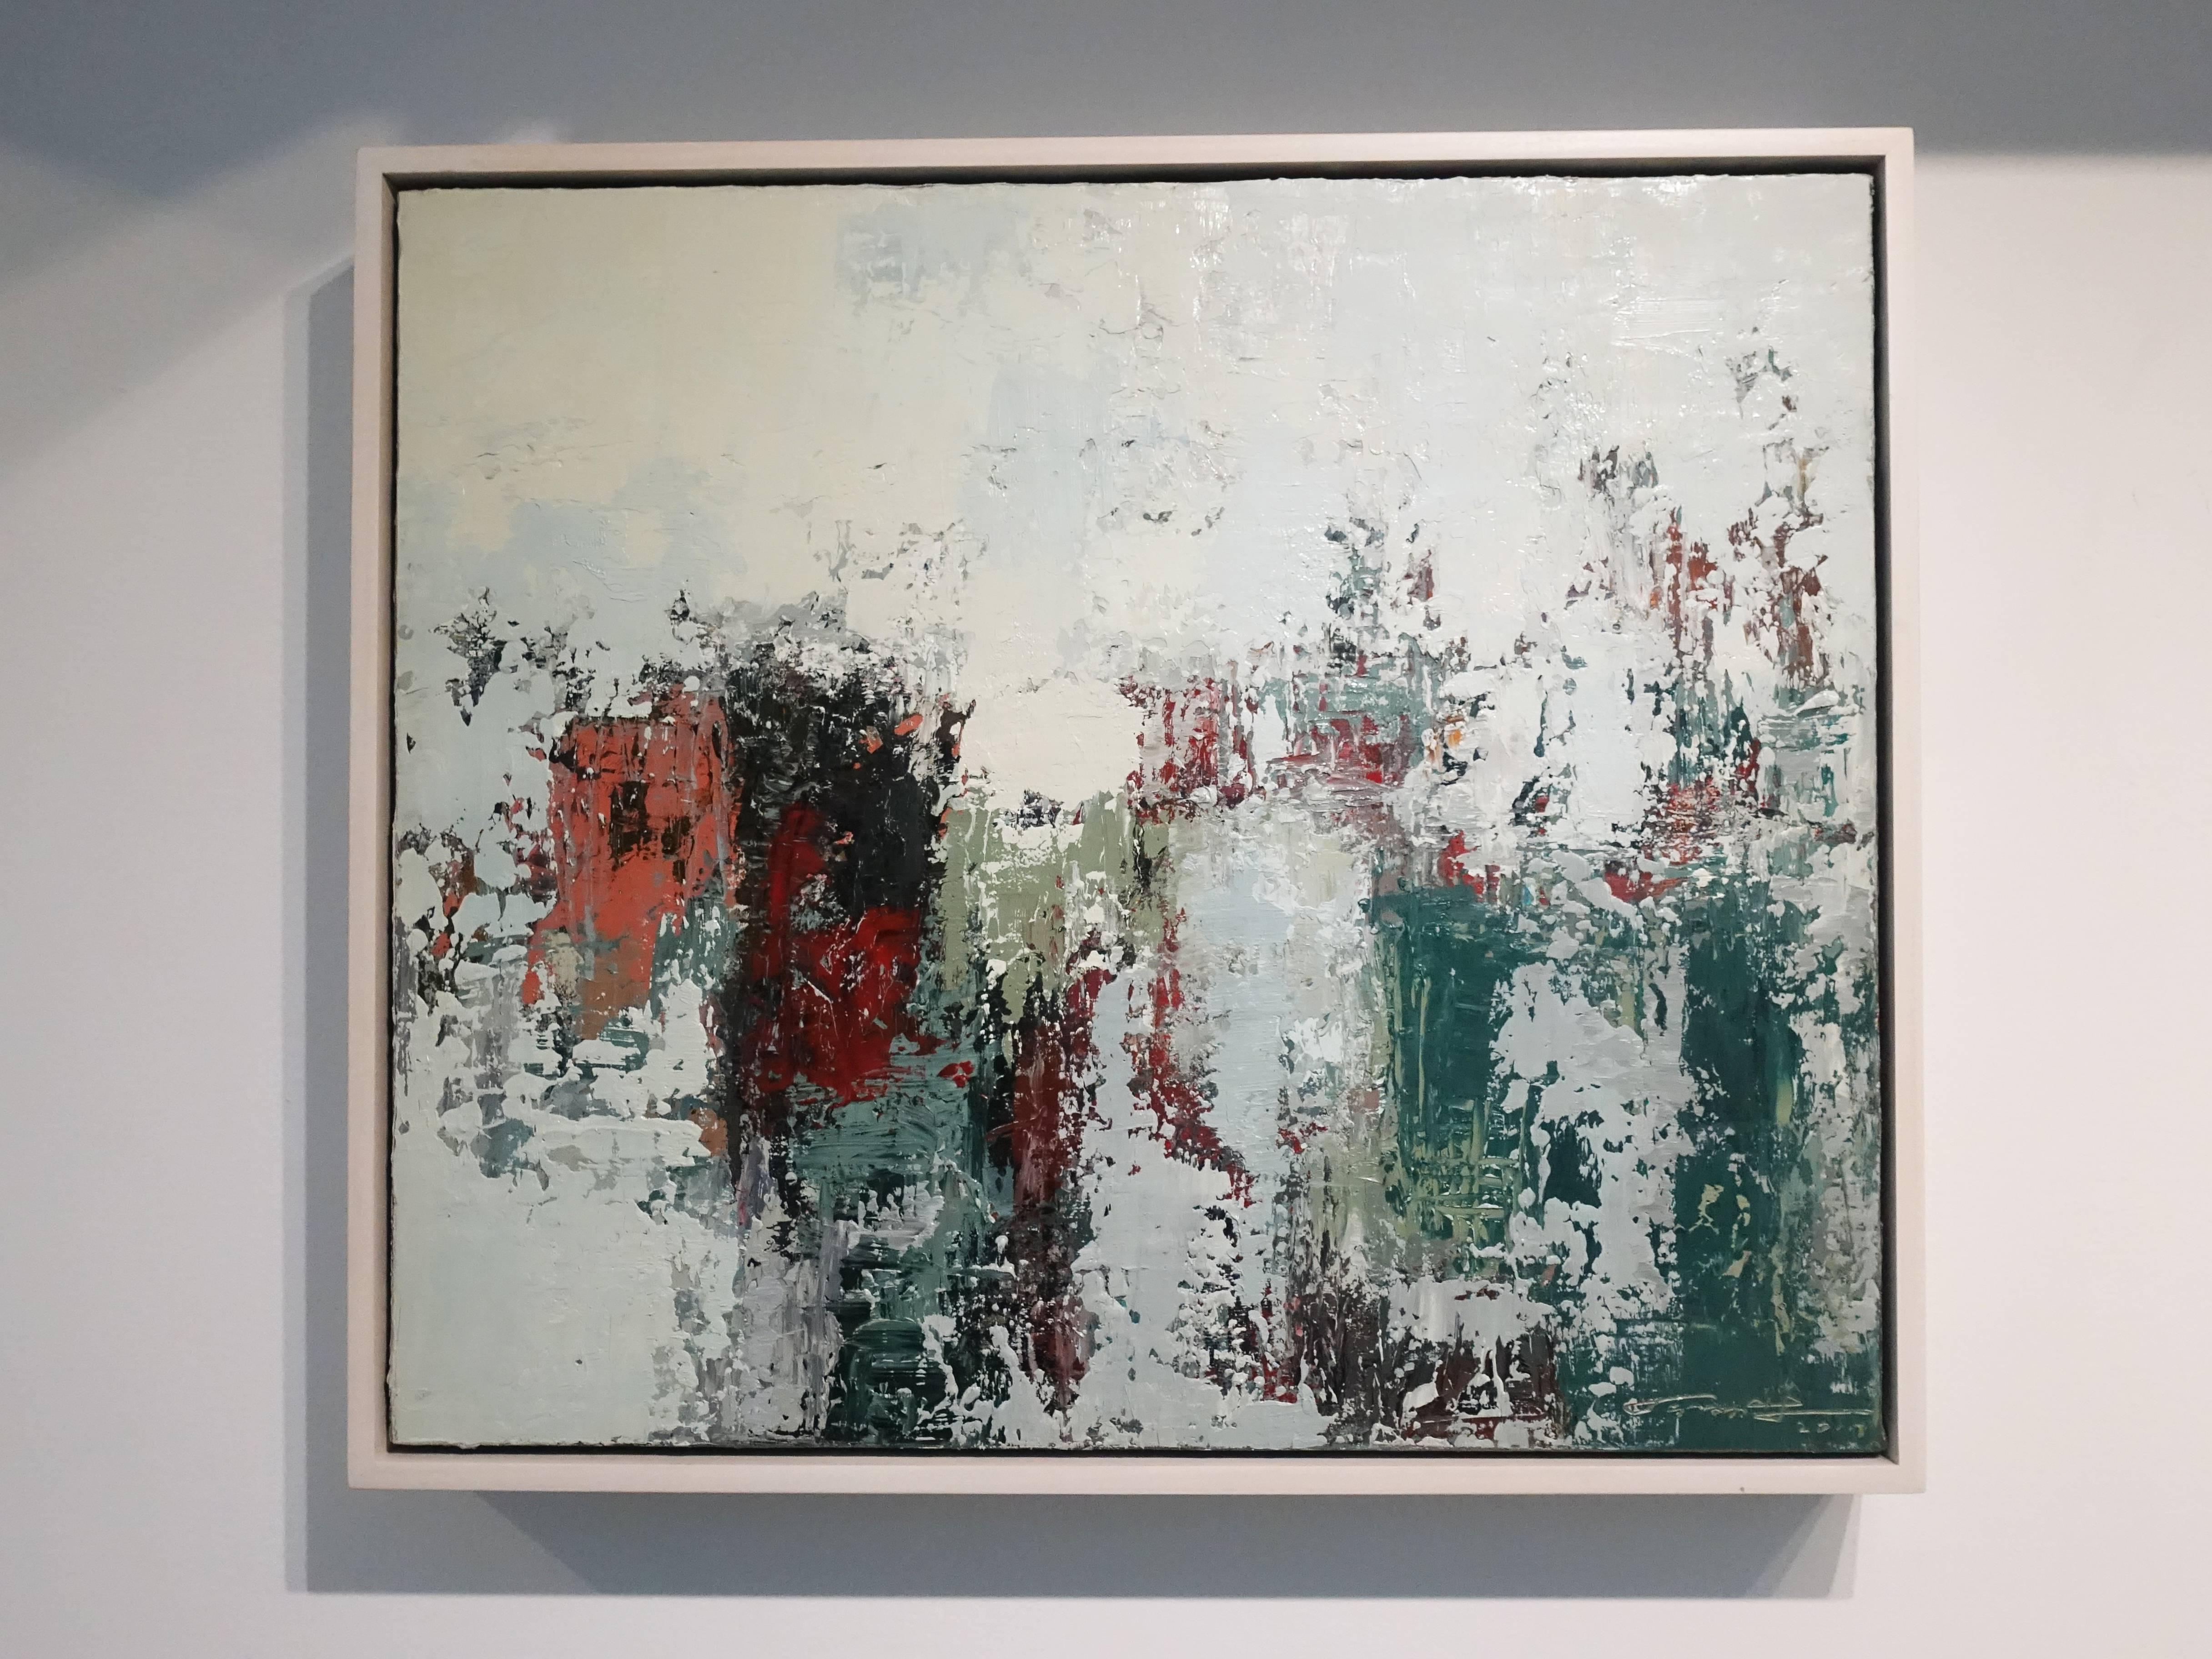 徐明豐,《記憶‧景像之八》,53 x 45.5 cm,複合媒材油畫,2017。